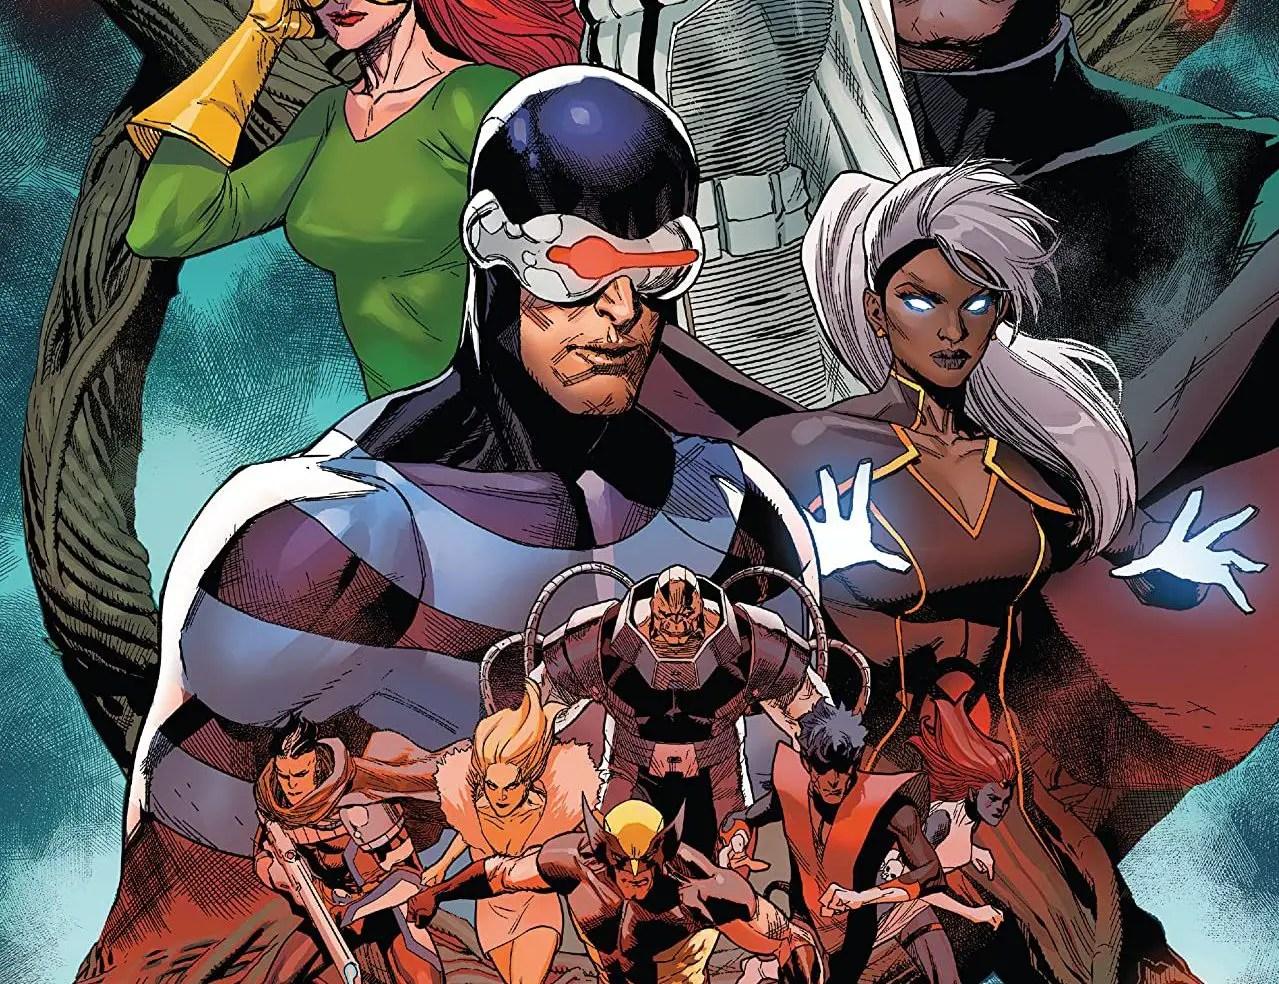 'X-Men' #21 introduces the new superheroes of Krakoa